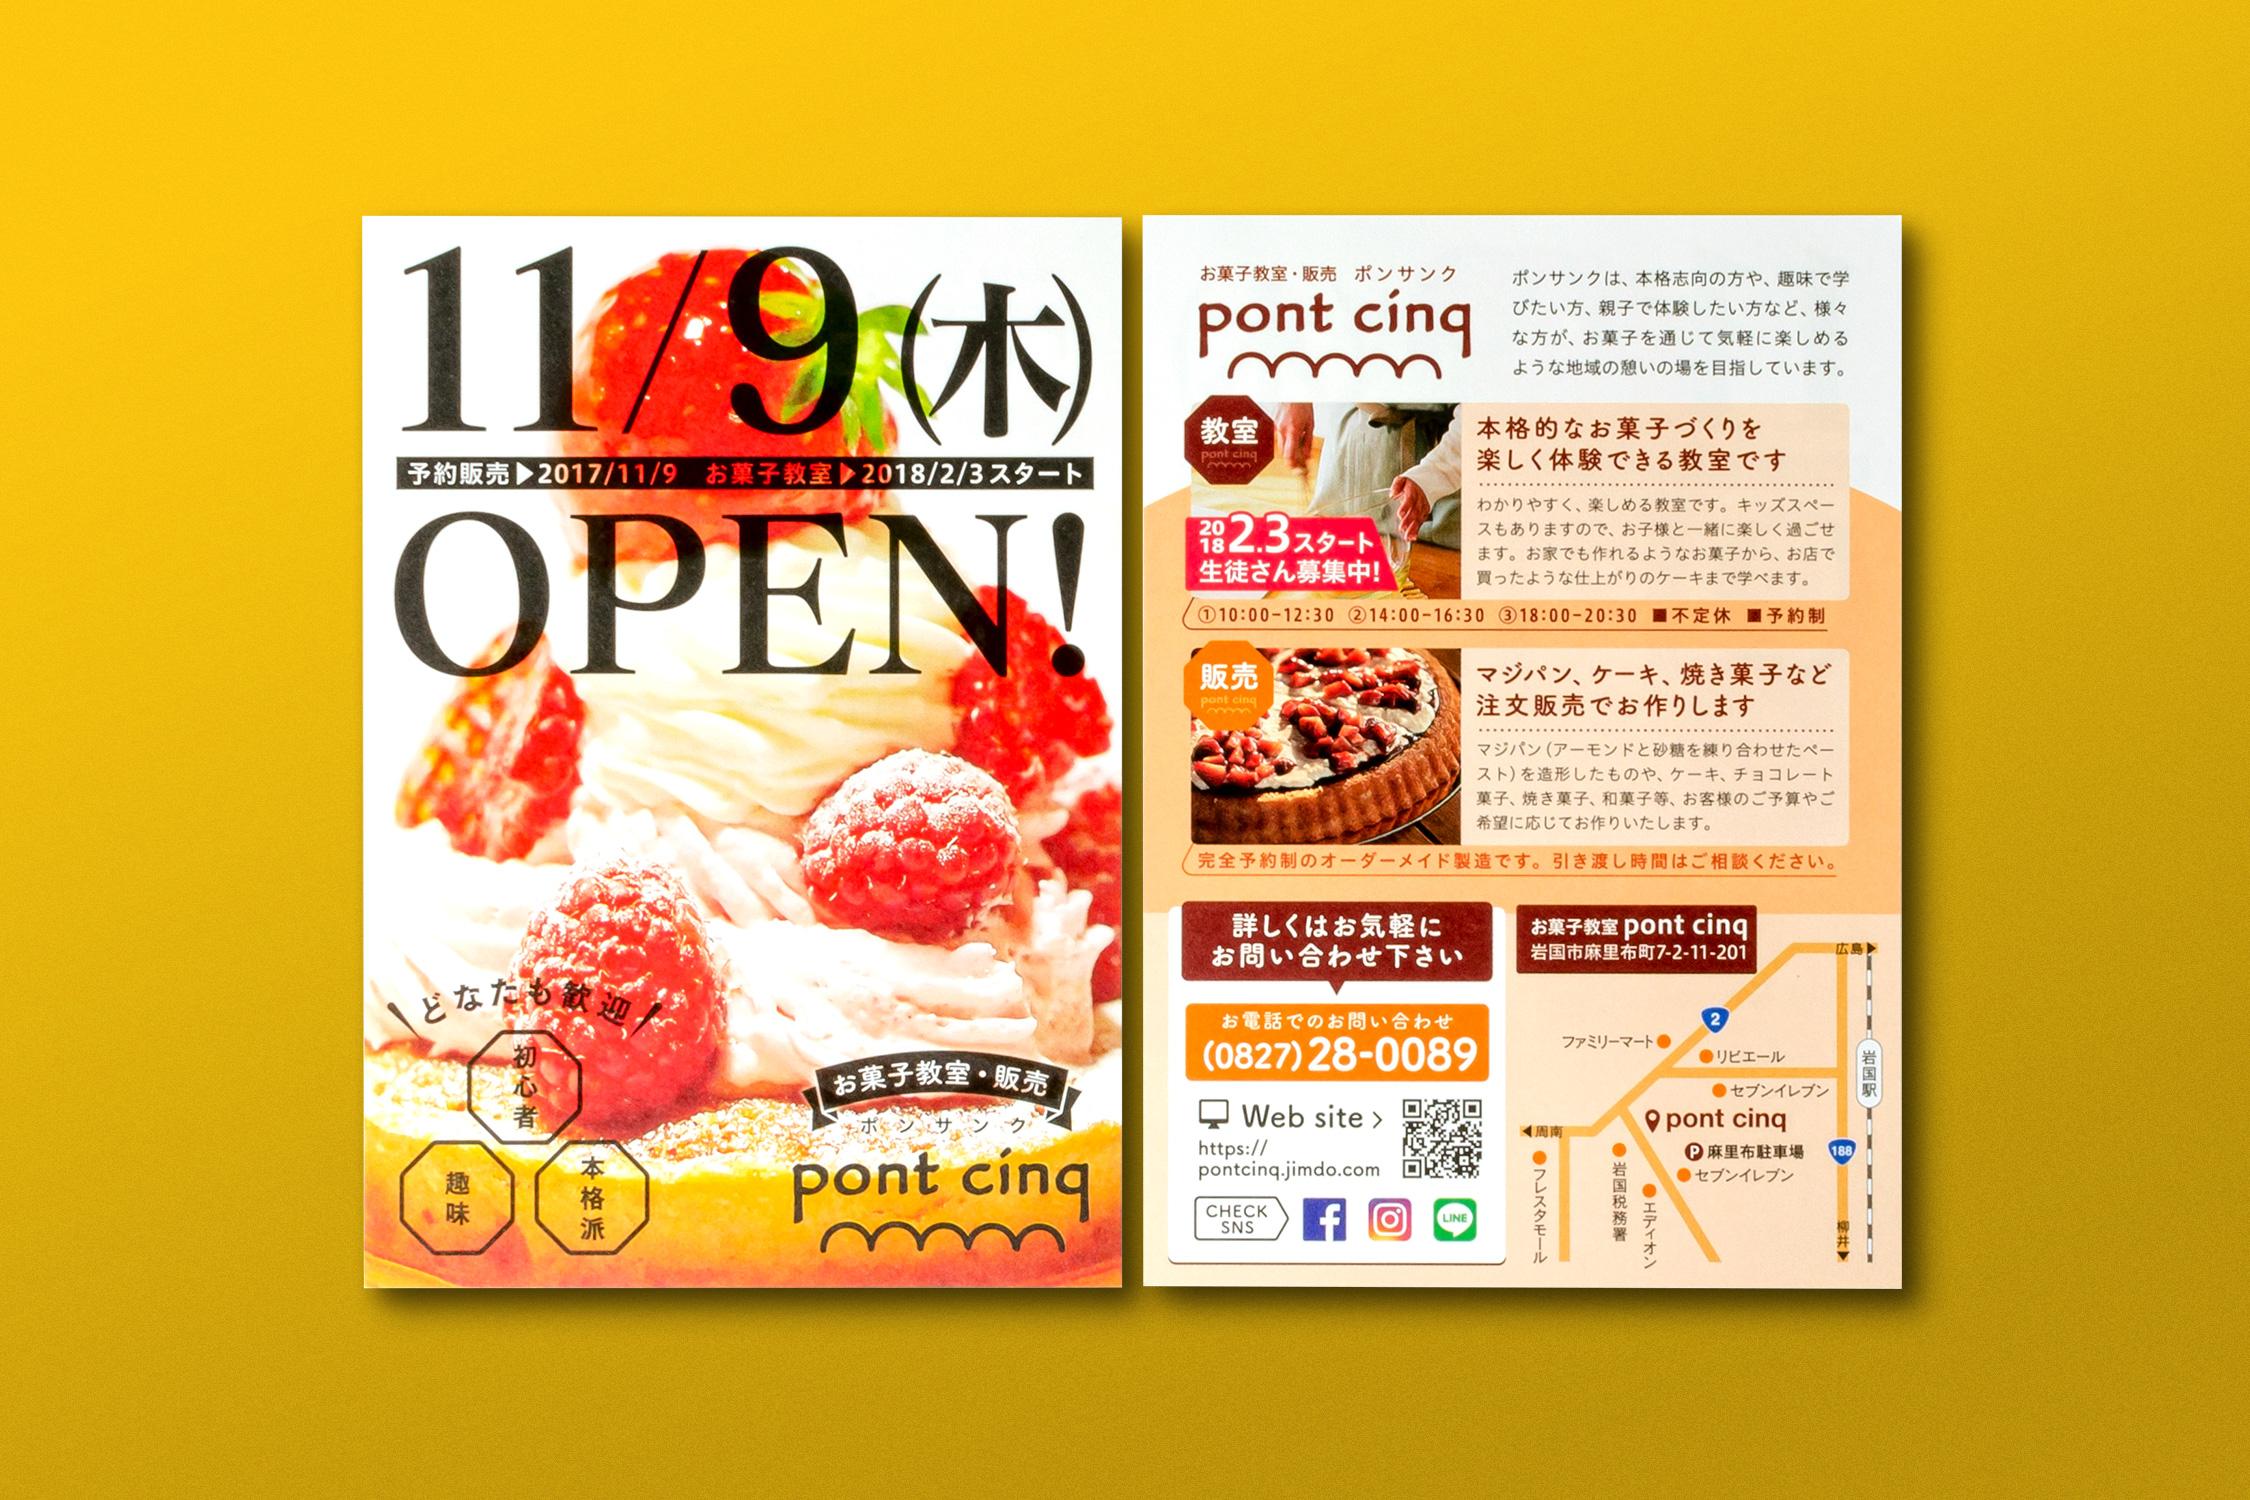 チラシ pont cinq オープン広告